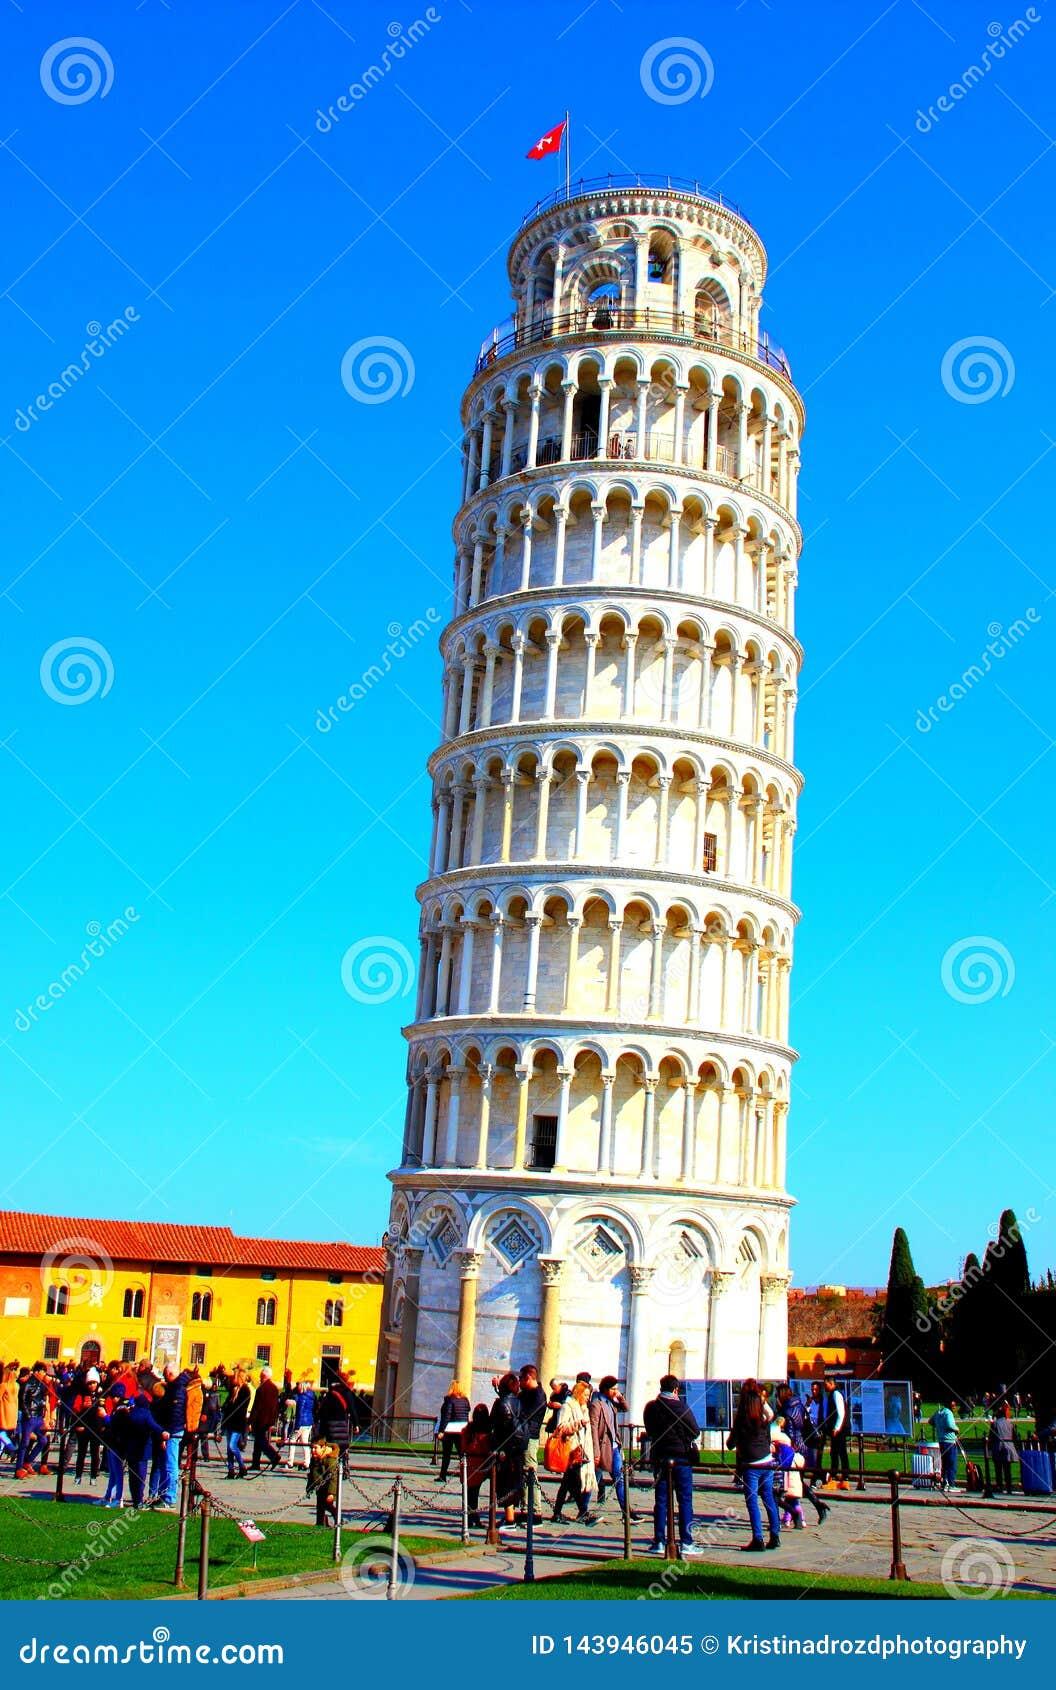 PISA, ITALIEN - CIRCA IM FEBRUAR 2018: Der lehnende Turm von Pisa am Quadrat von Wundern